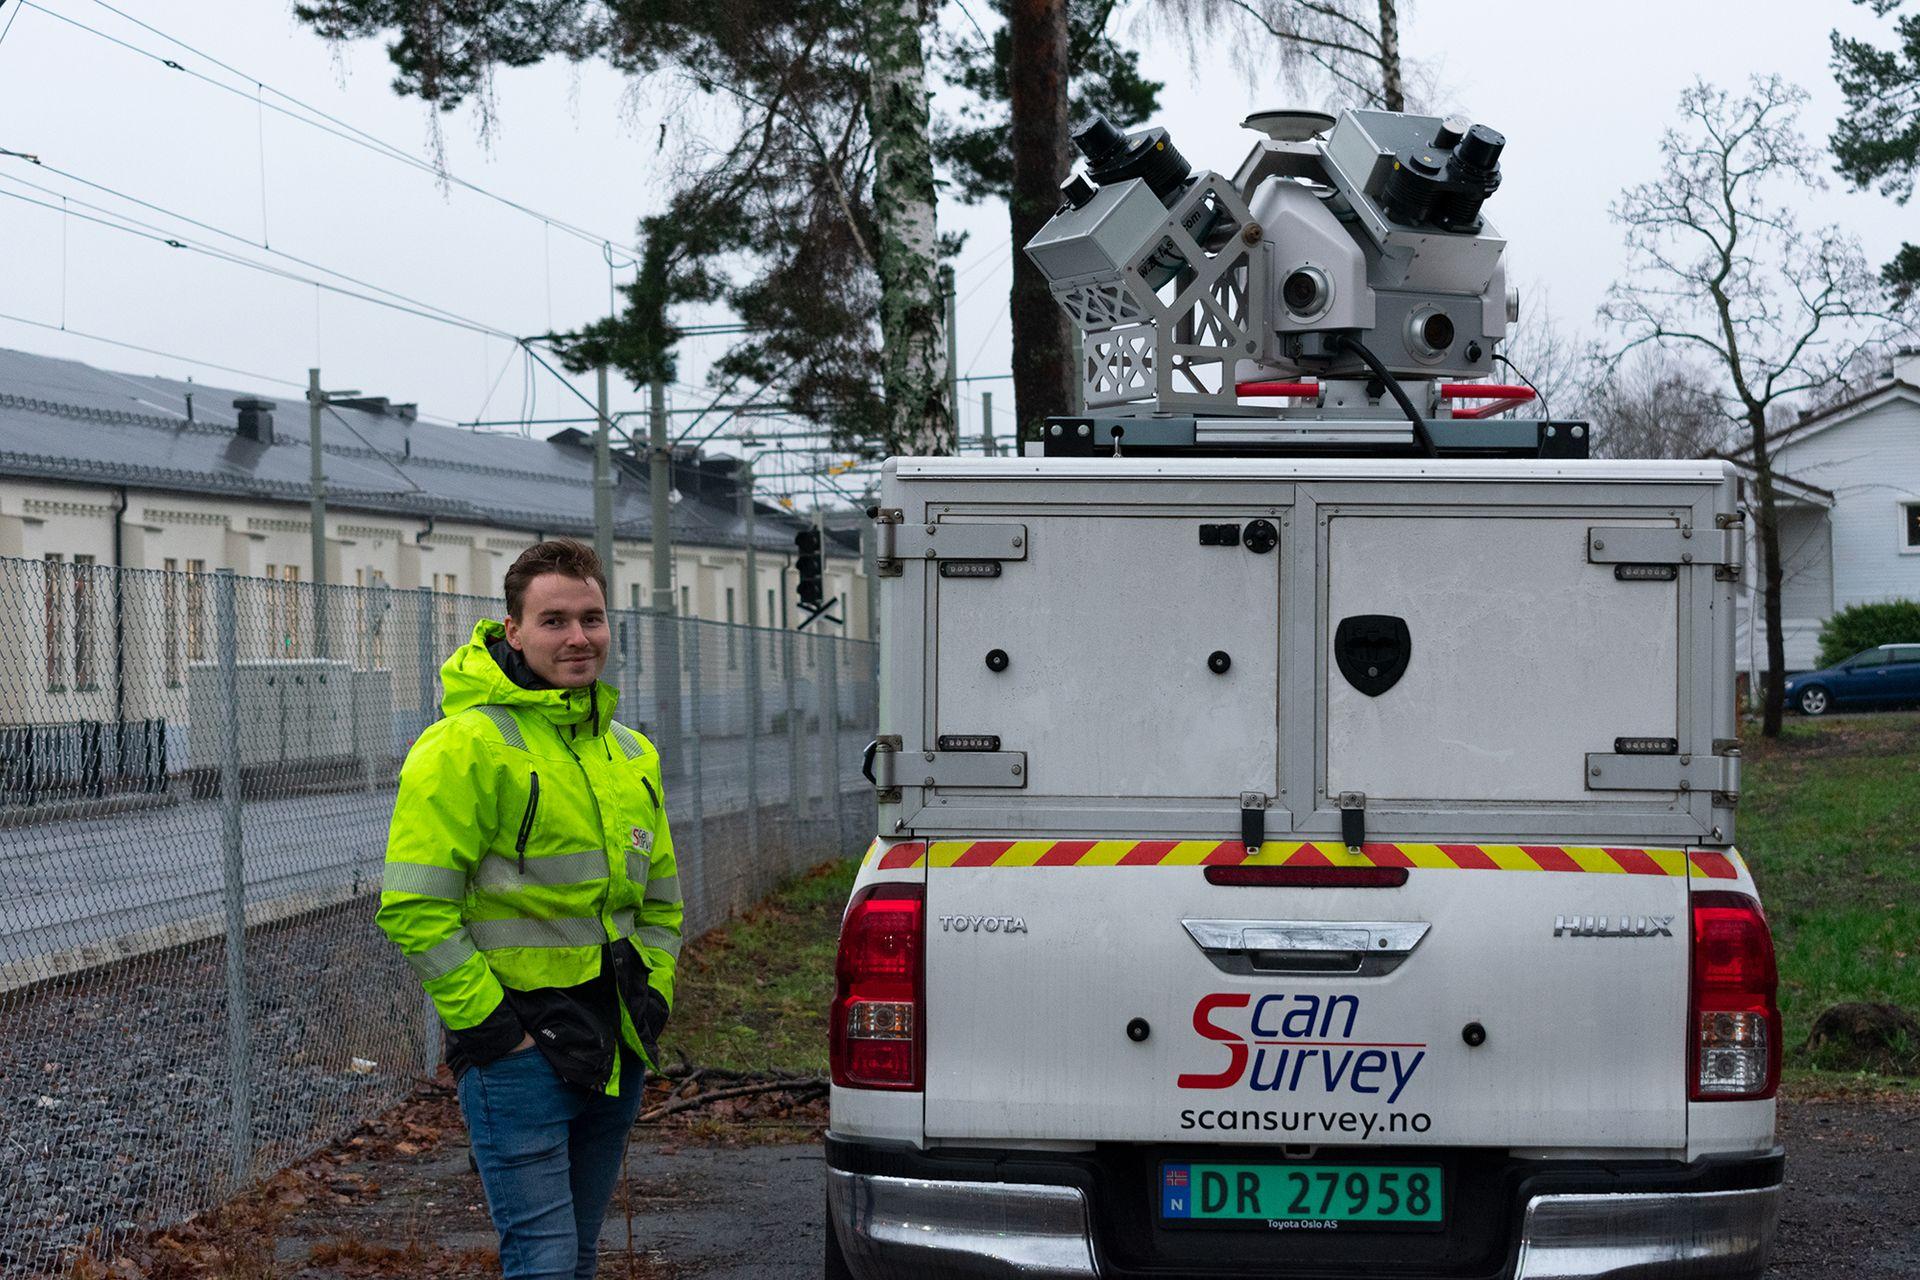 Ole-Håkon Drabløs viser frem det bilmonterte skanneutstyret som brukes til å måle trikkeskinnene i Oslo